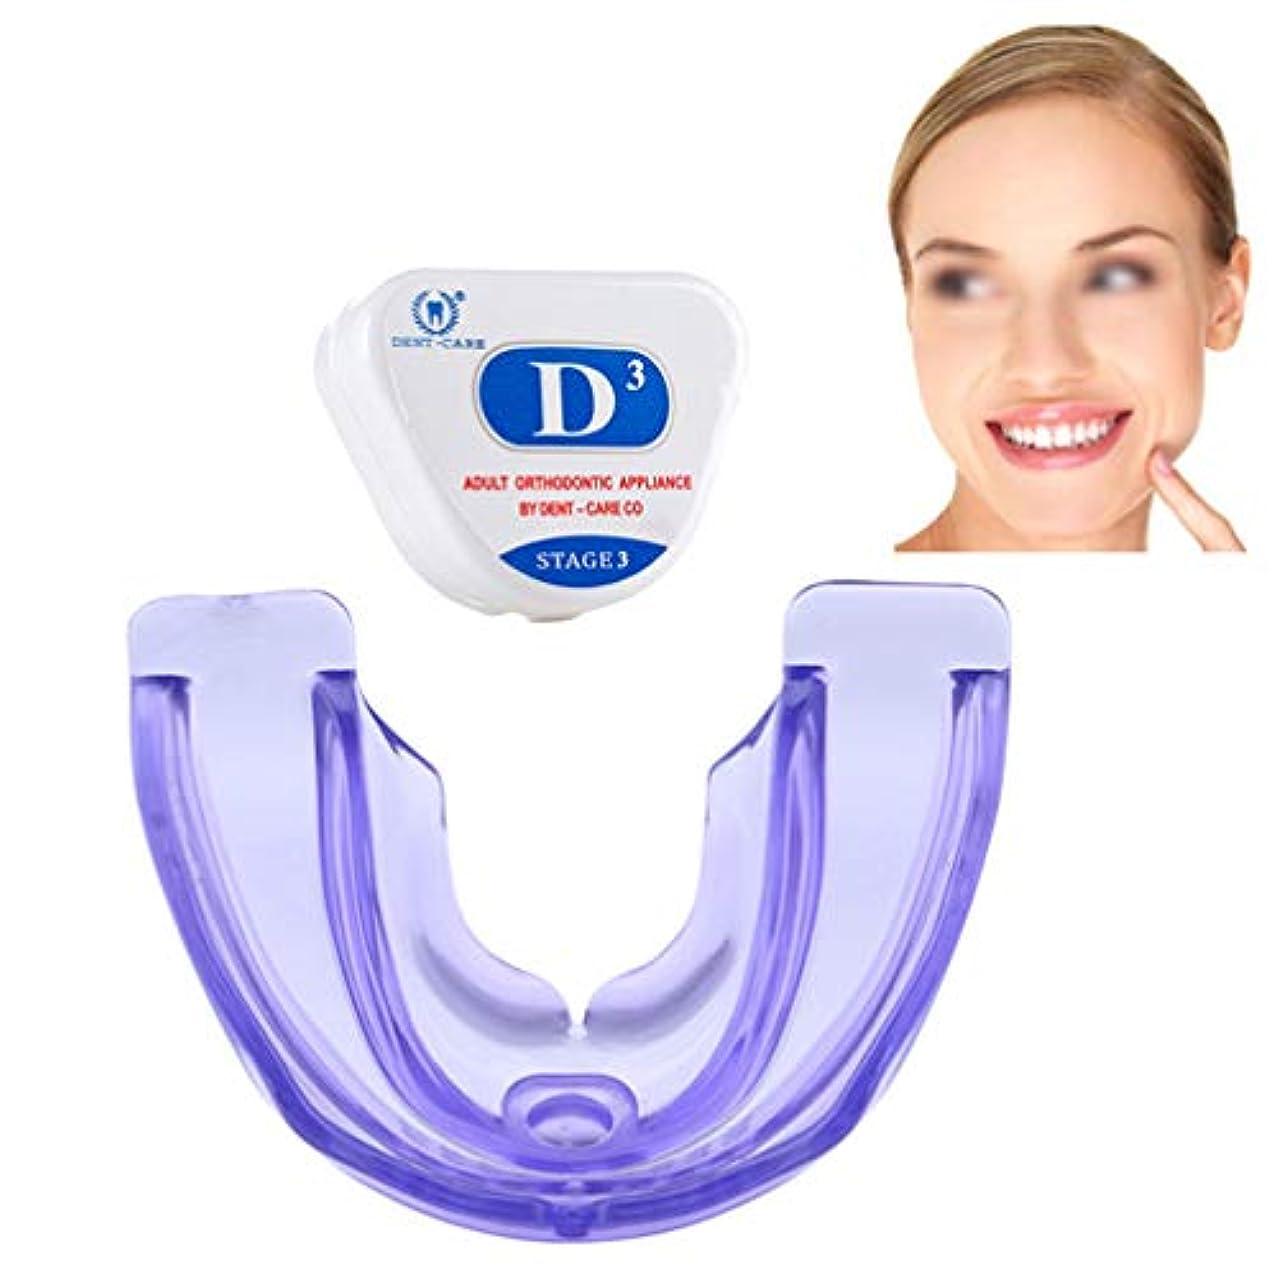 女性オートスリム矯正リテーナー、歯列矯正トレーナー歯科用歯科用器具リテーナー歯を白くするインビジブルブレース、(3段階)